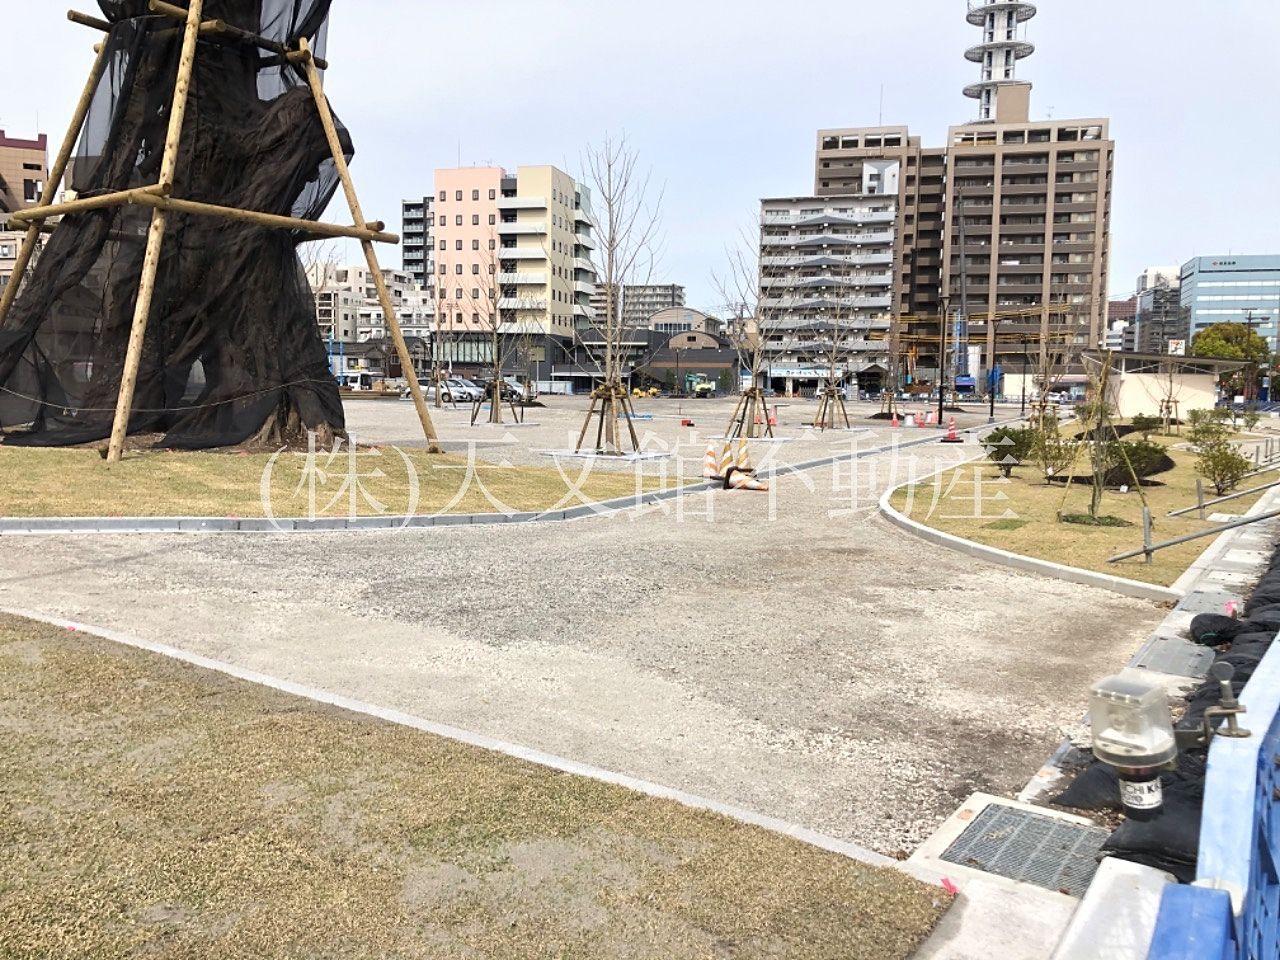 鹿児島市加治屋町の加治屋町の杜公園の東側には大きな木が植えられていました。